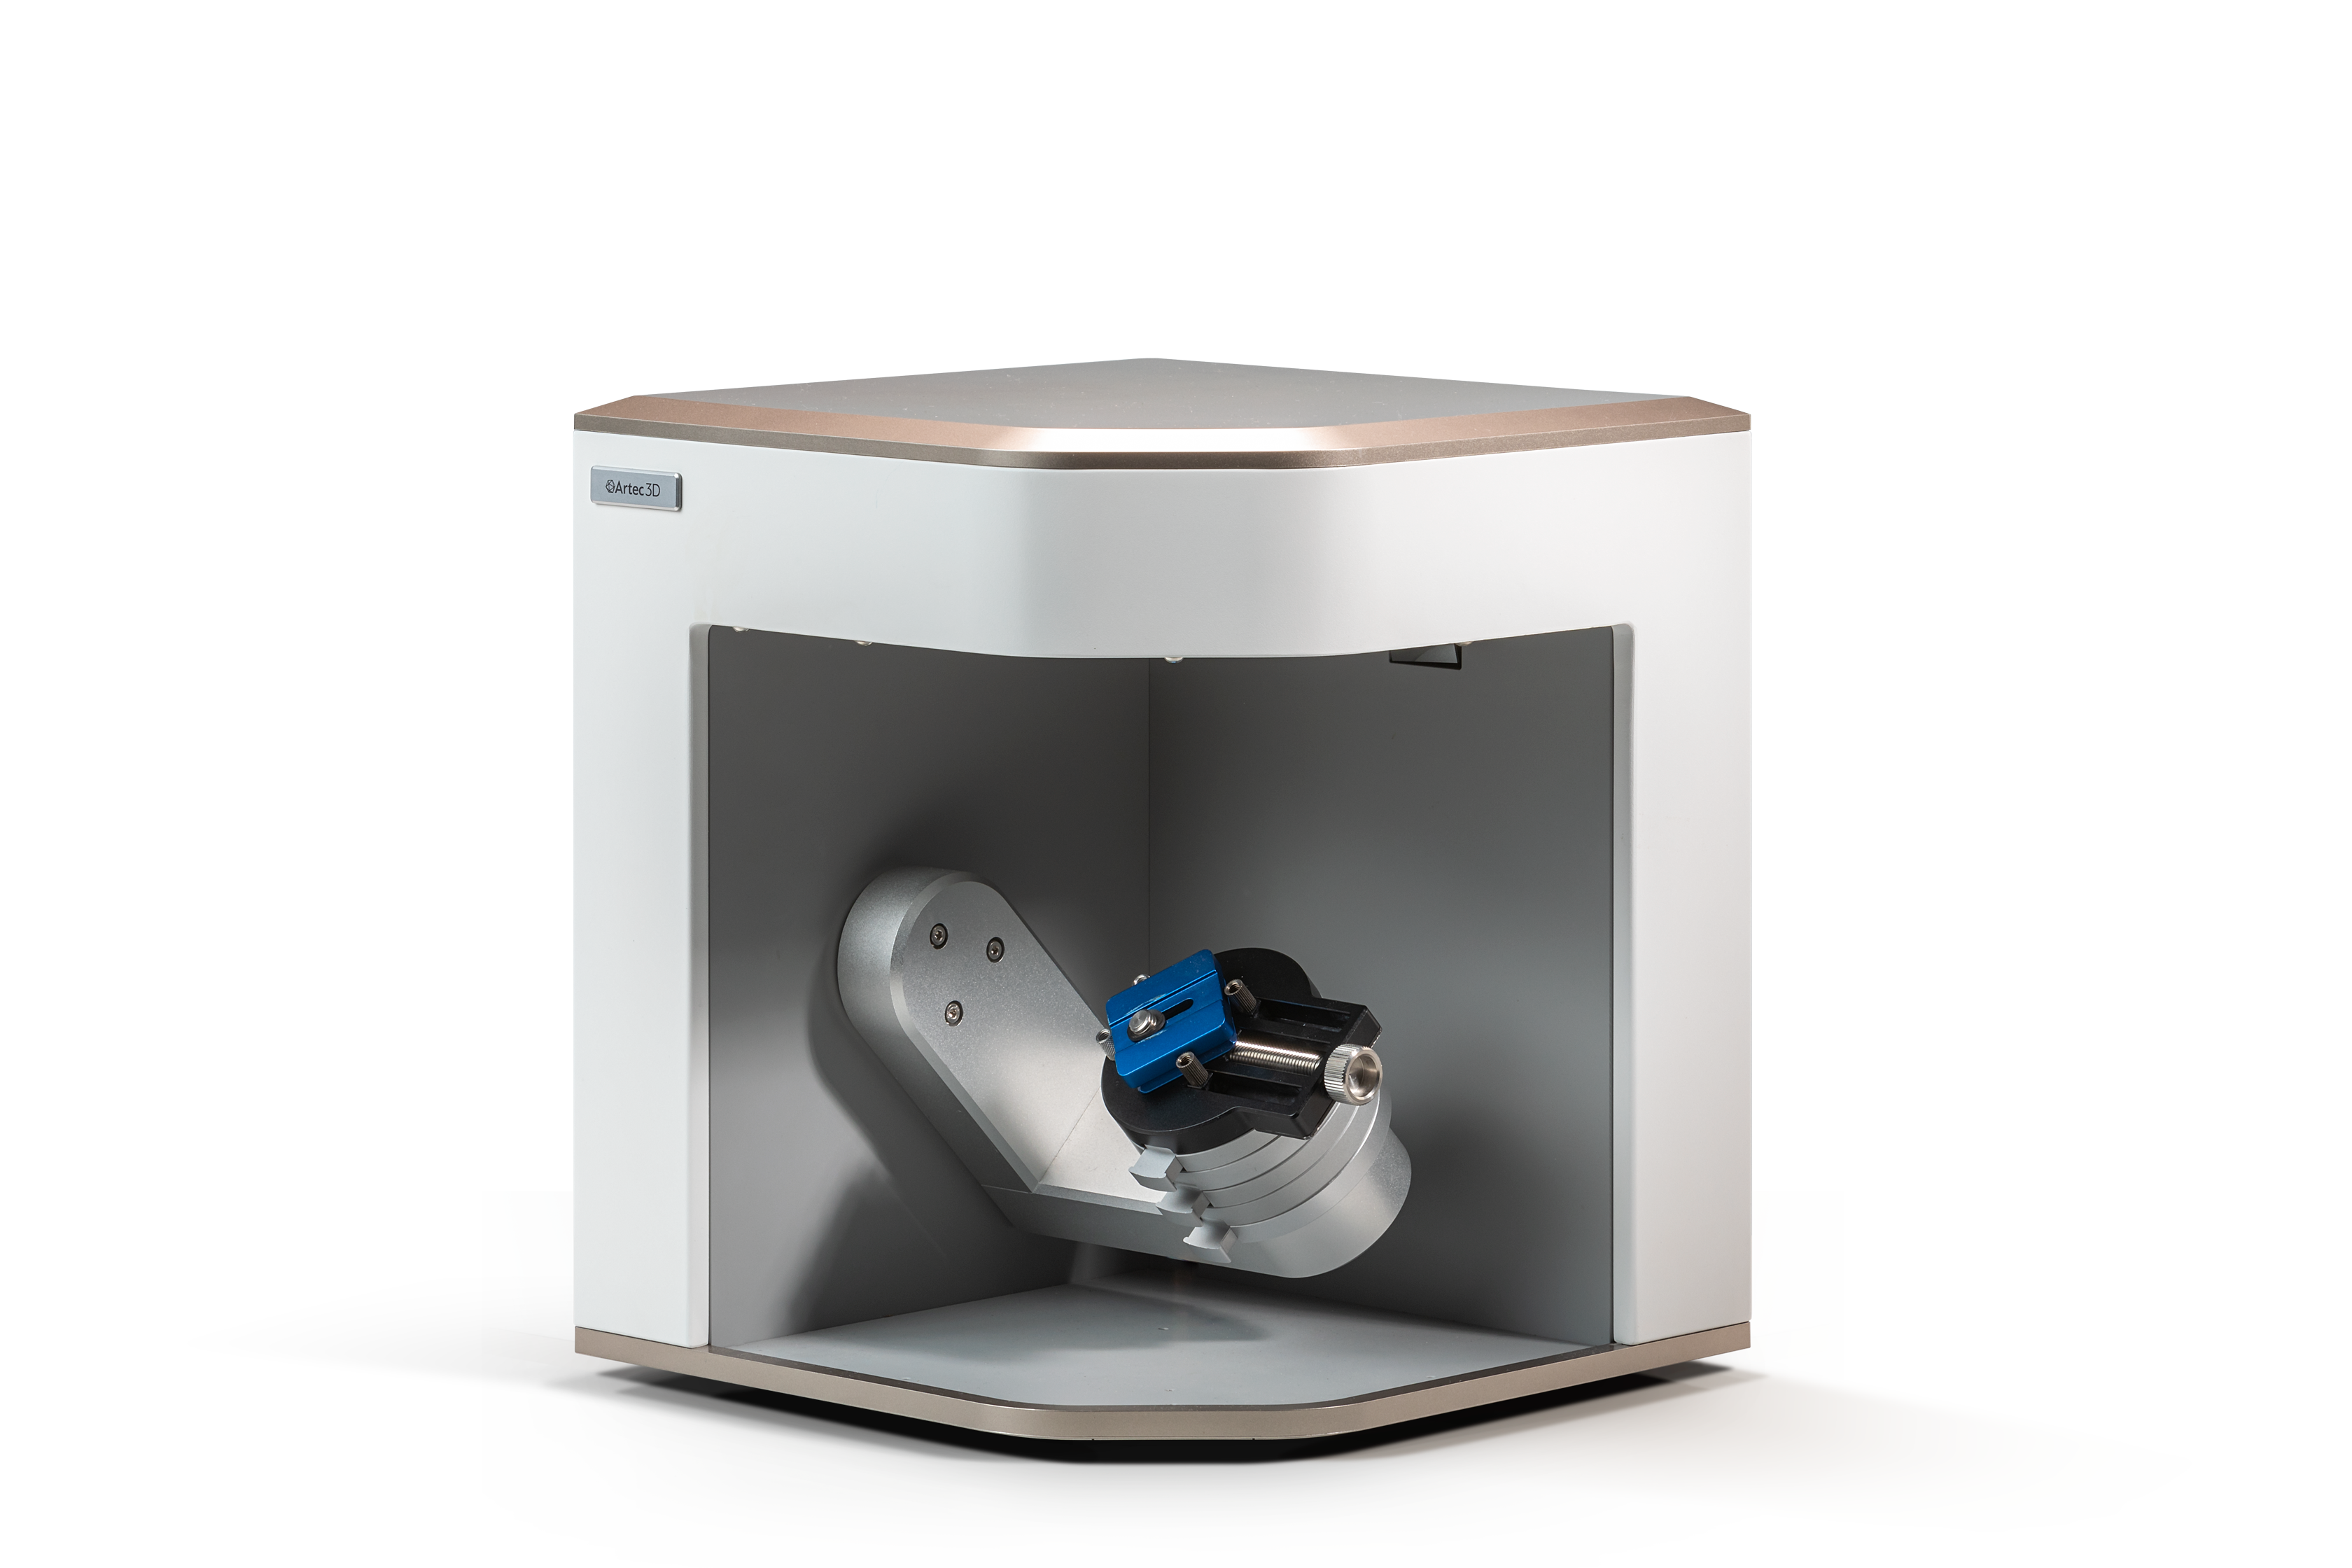 Artec Micro 3D Scanner